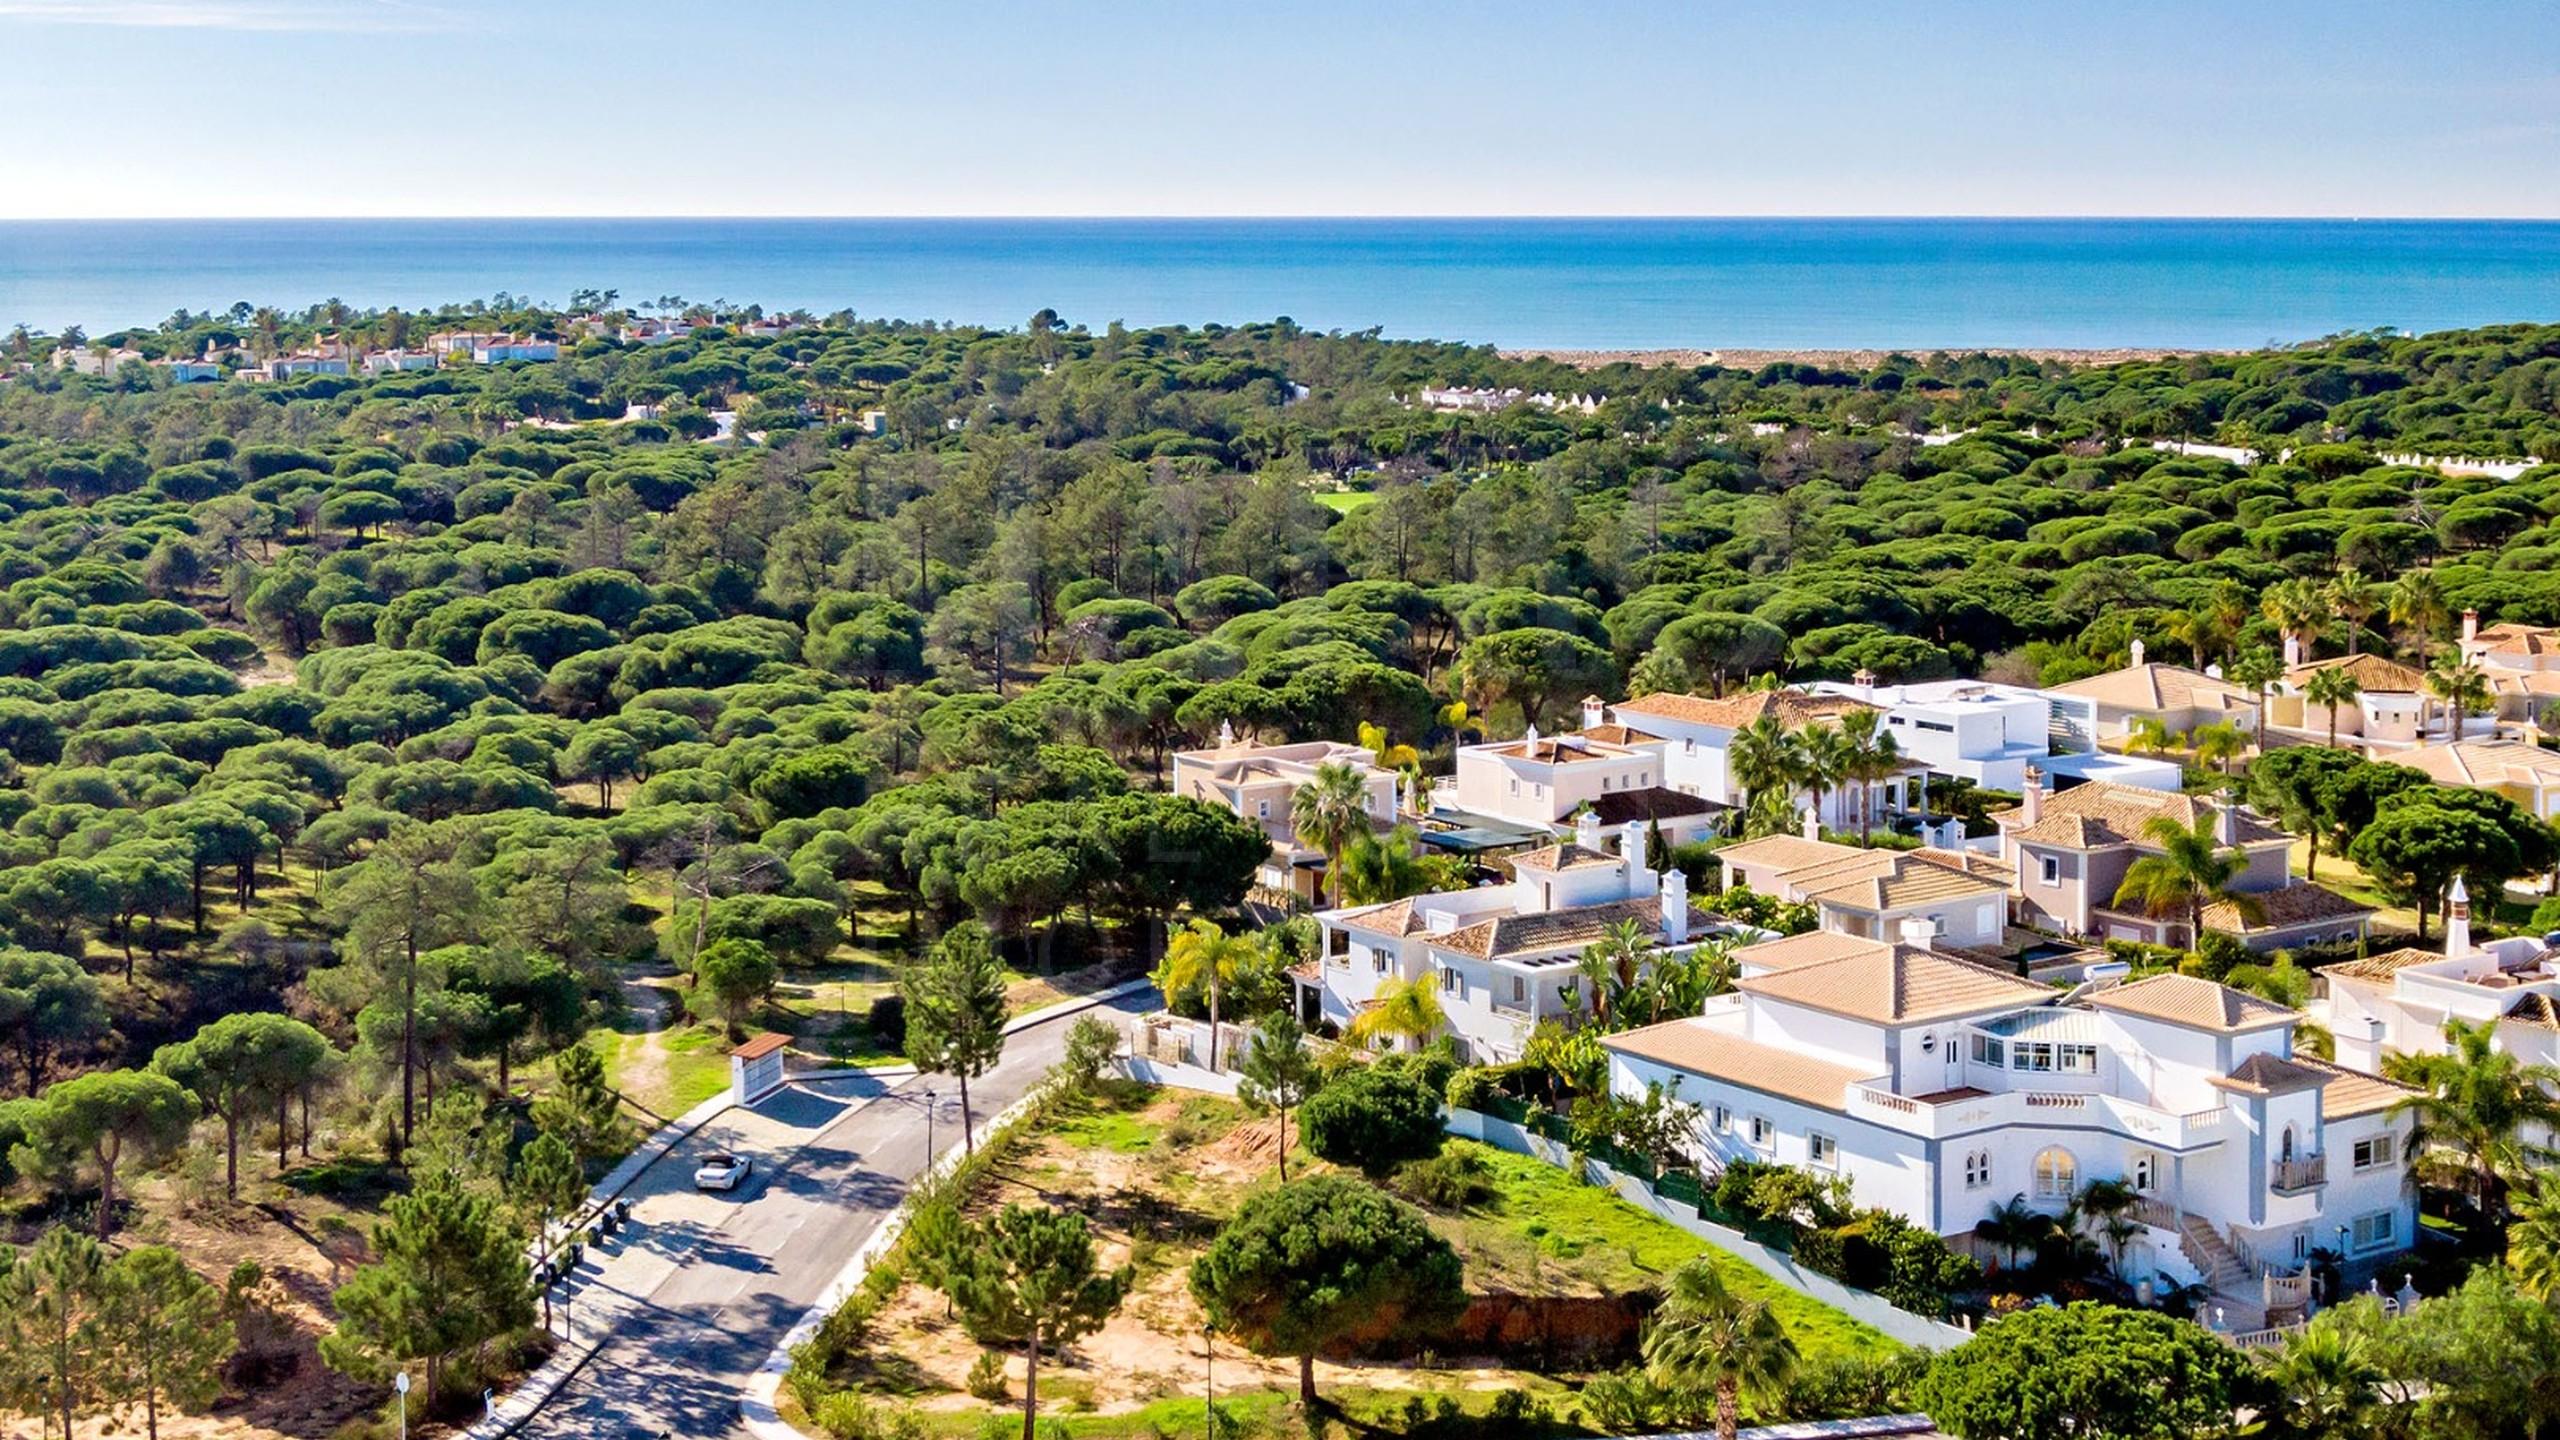 Terrain a vendre dans l'Algarve